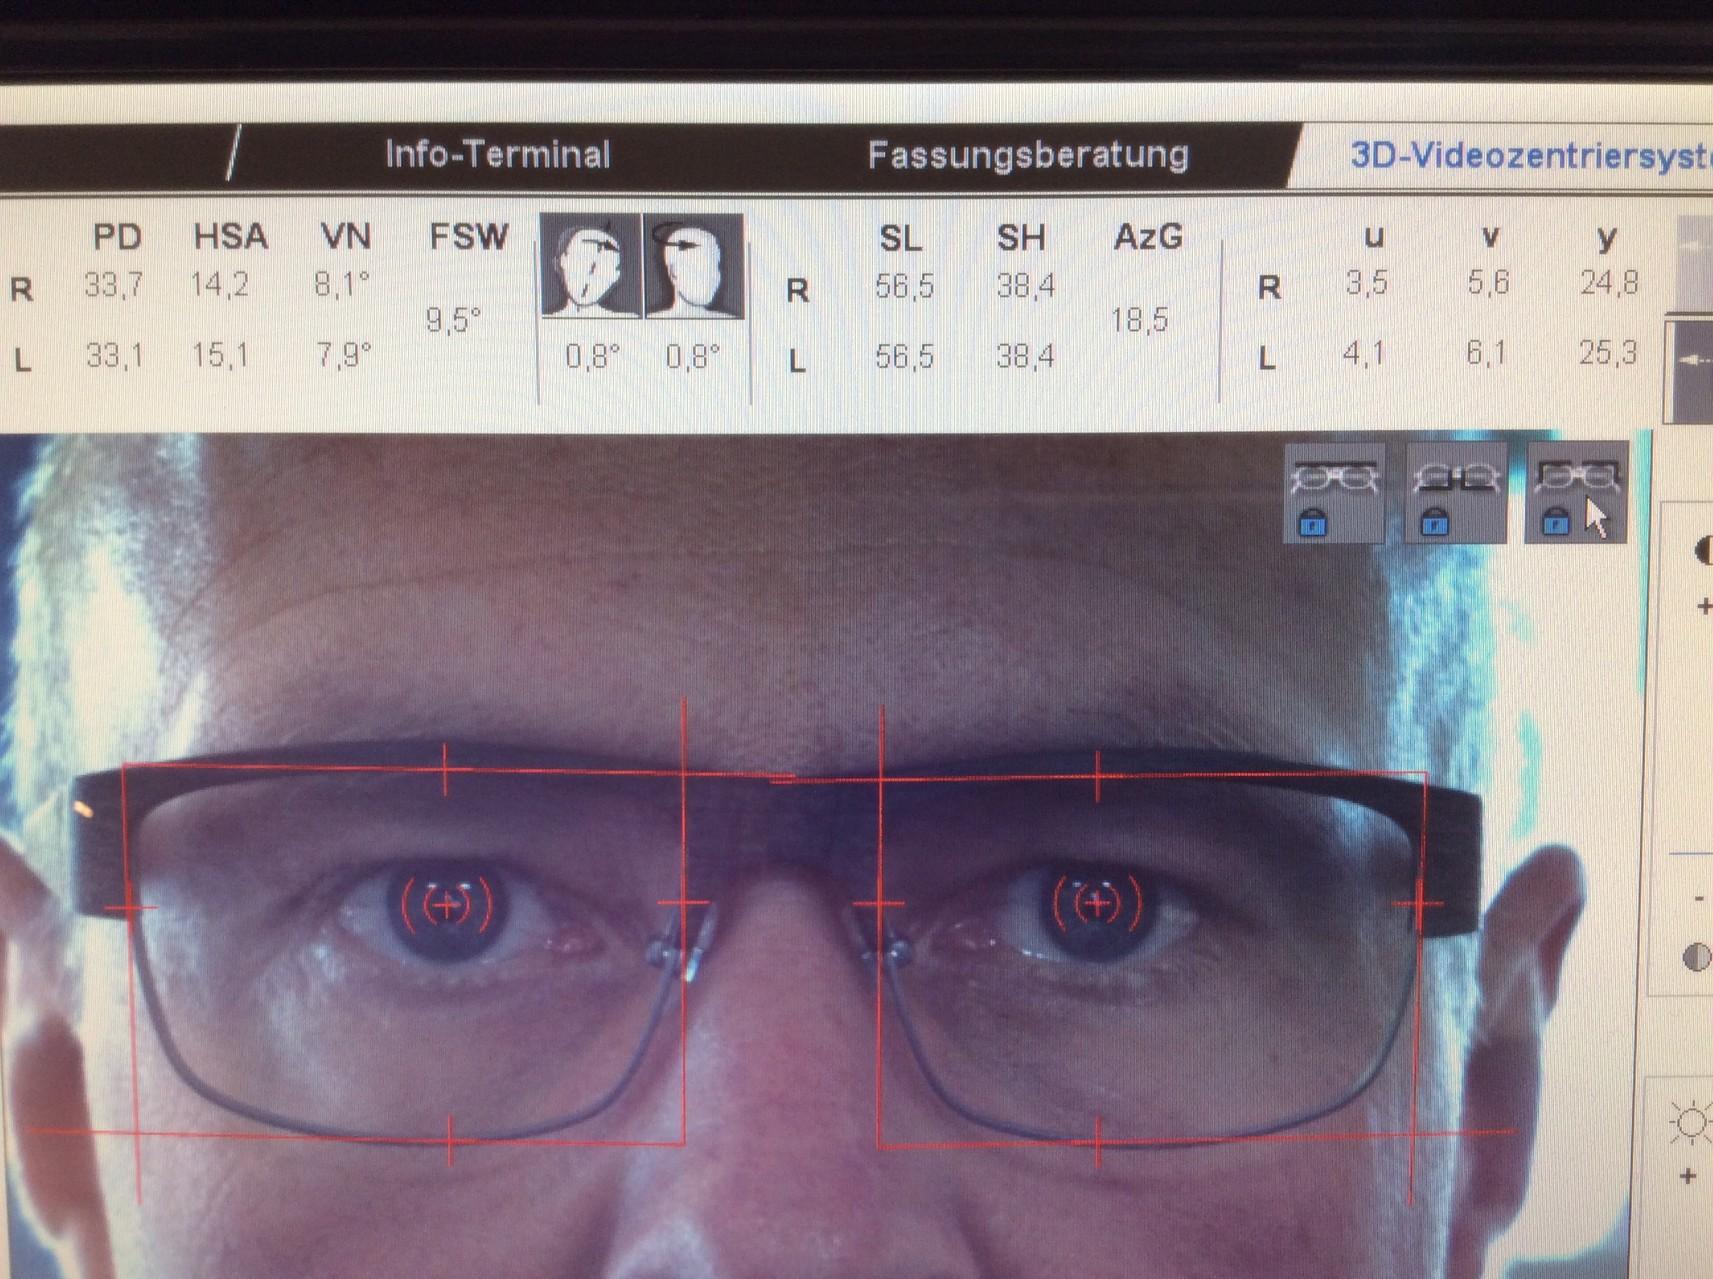 Auswertung der Zentrierdaten mit dem Digitalen Brillenanpassgerät ImpressionIST